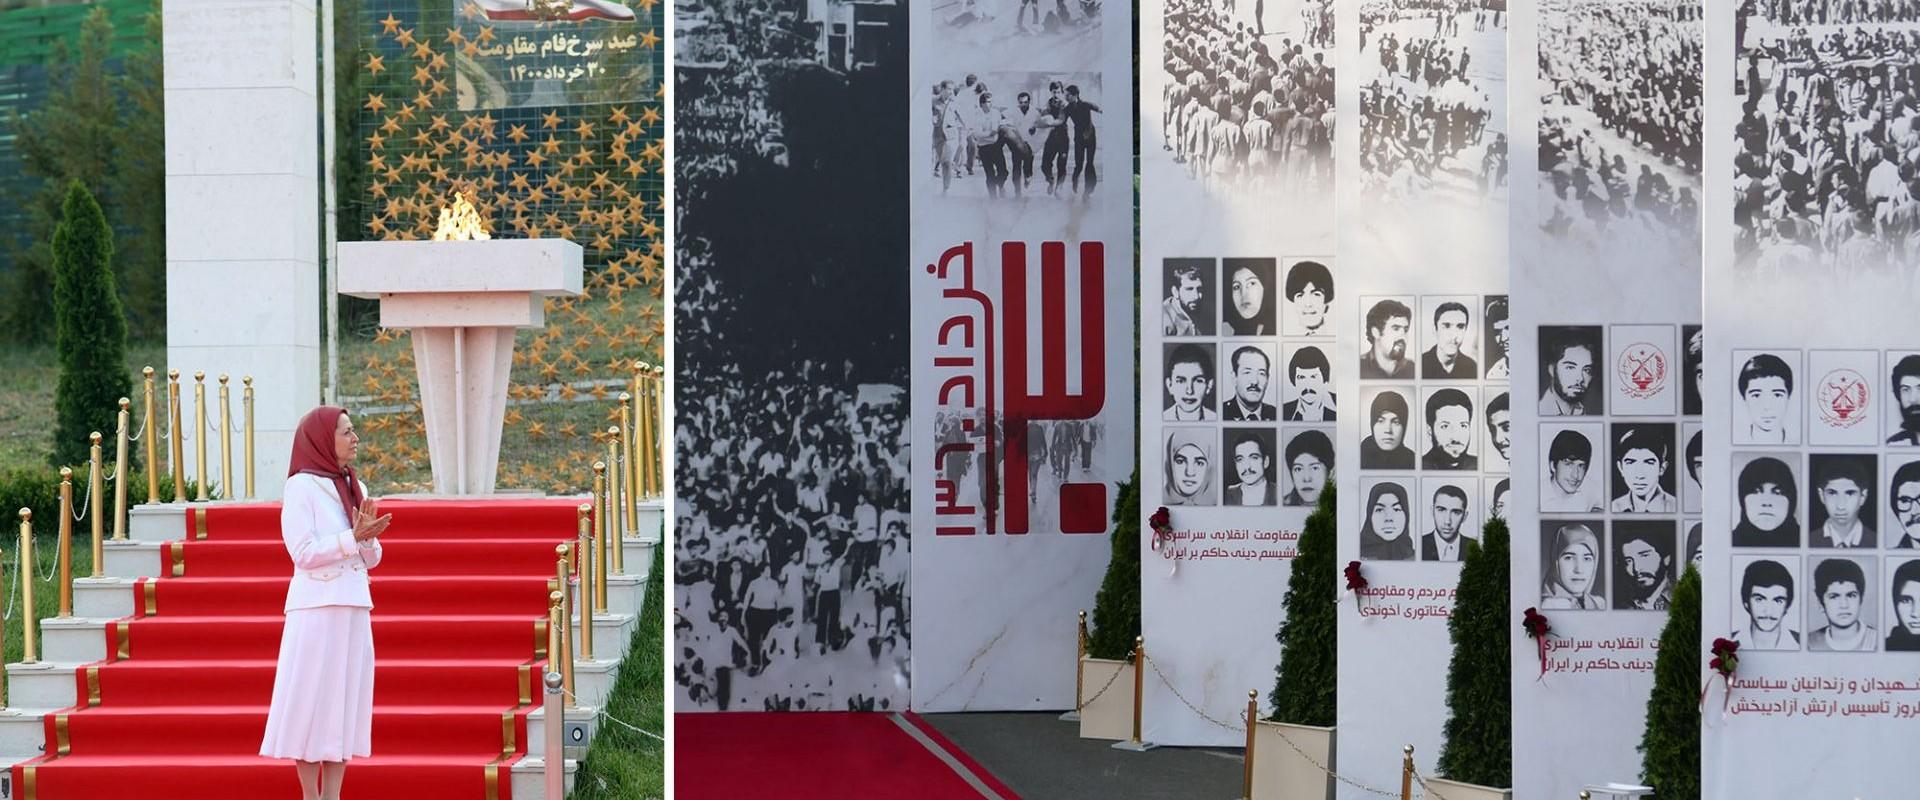 سی خرداد چهلمین سالگرد مقاومت، مرز بندی تاریخی بین آزادی و استبداد دینی